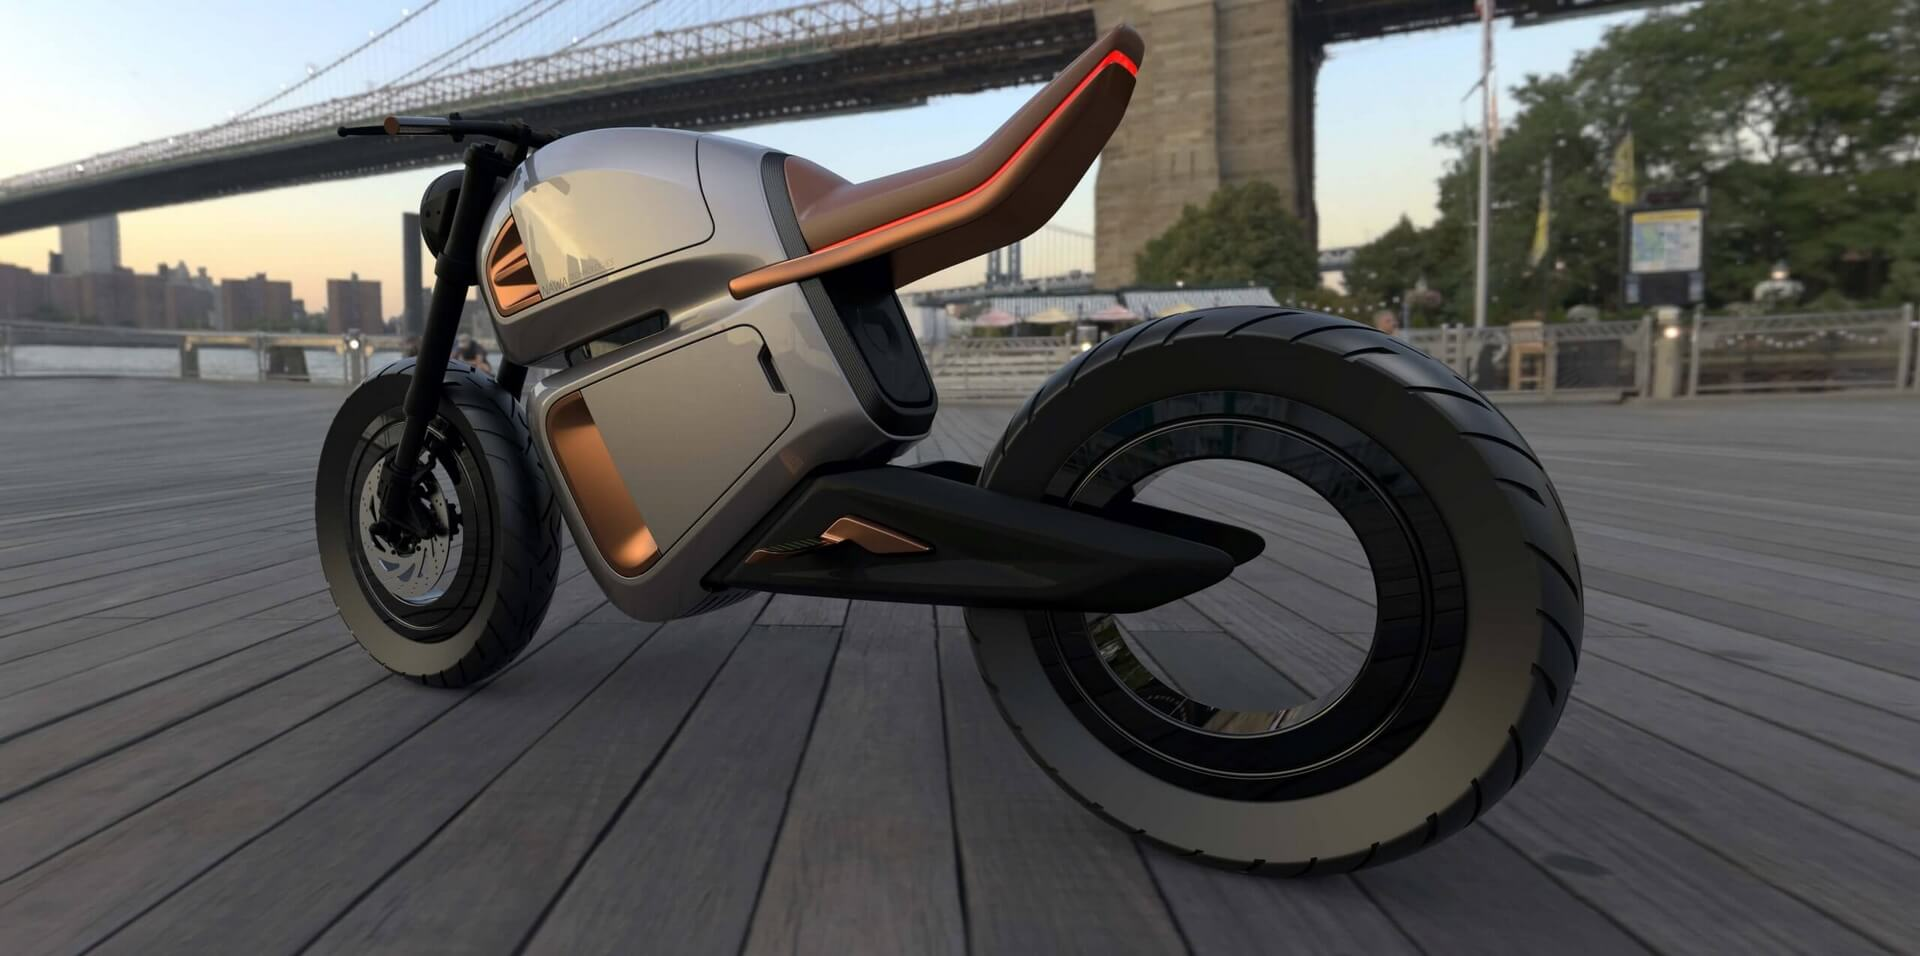 Nawa представляет гибридный электрический мотоцикл с ультраконденсаторами нового поколения